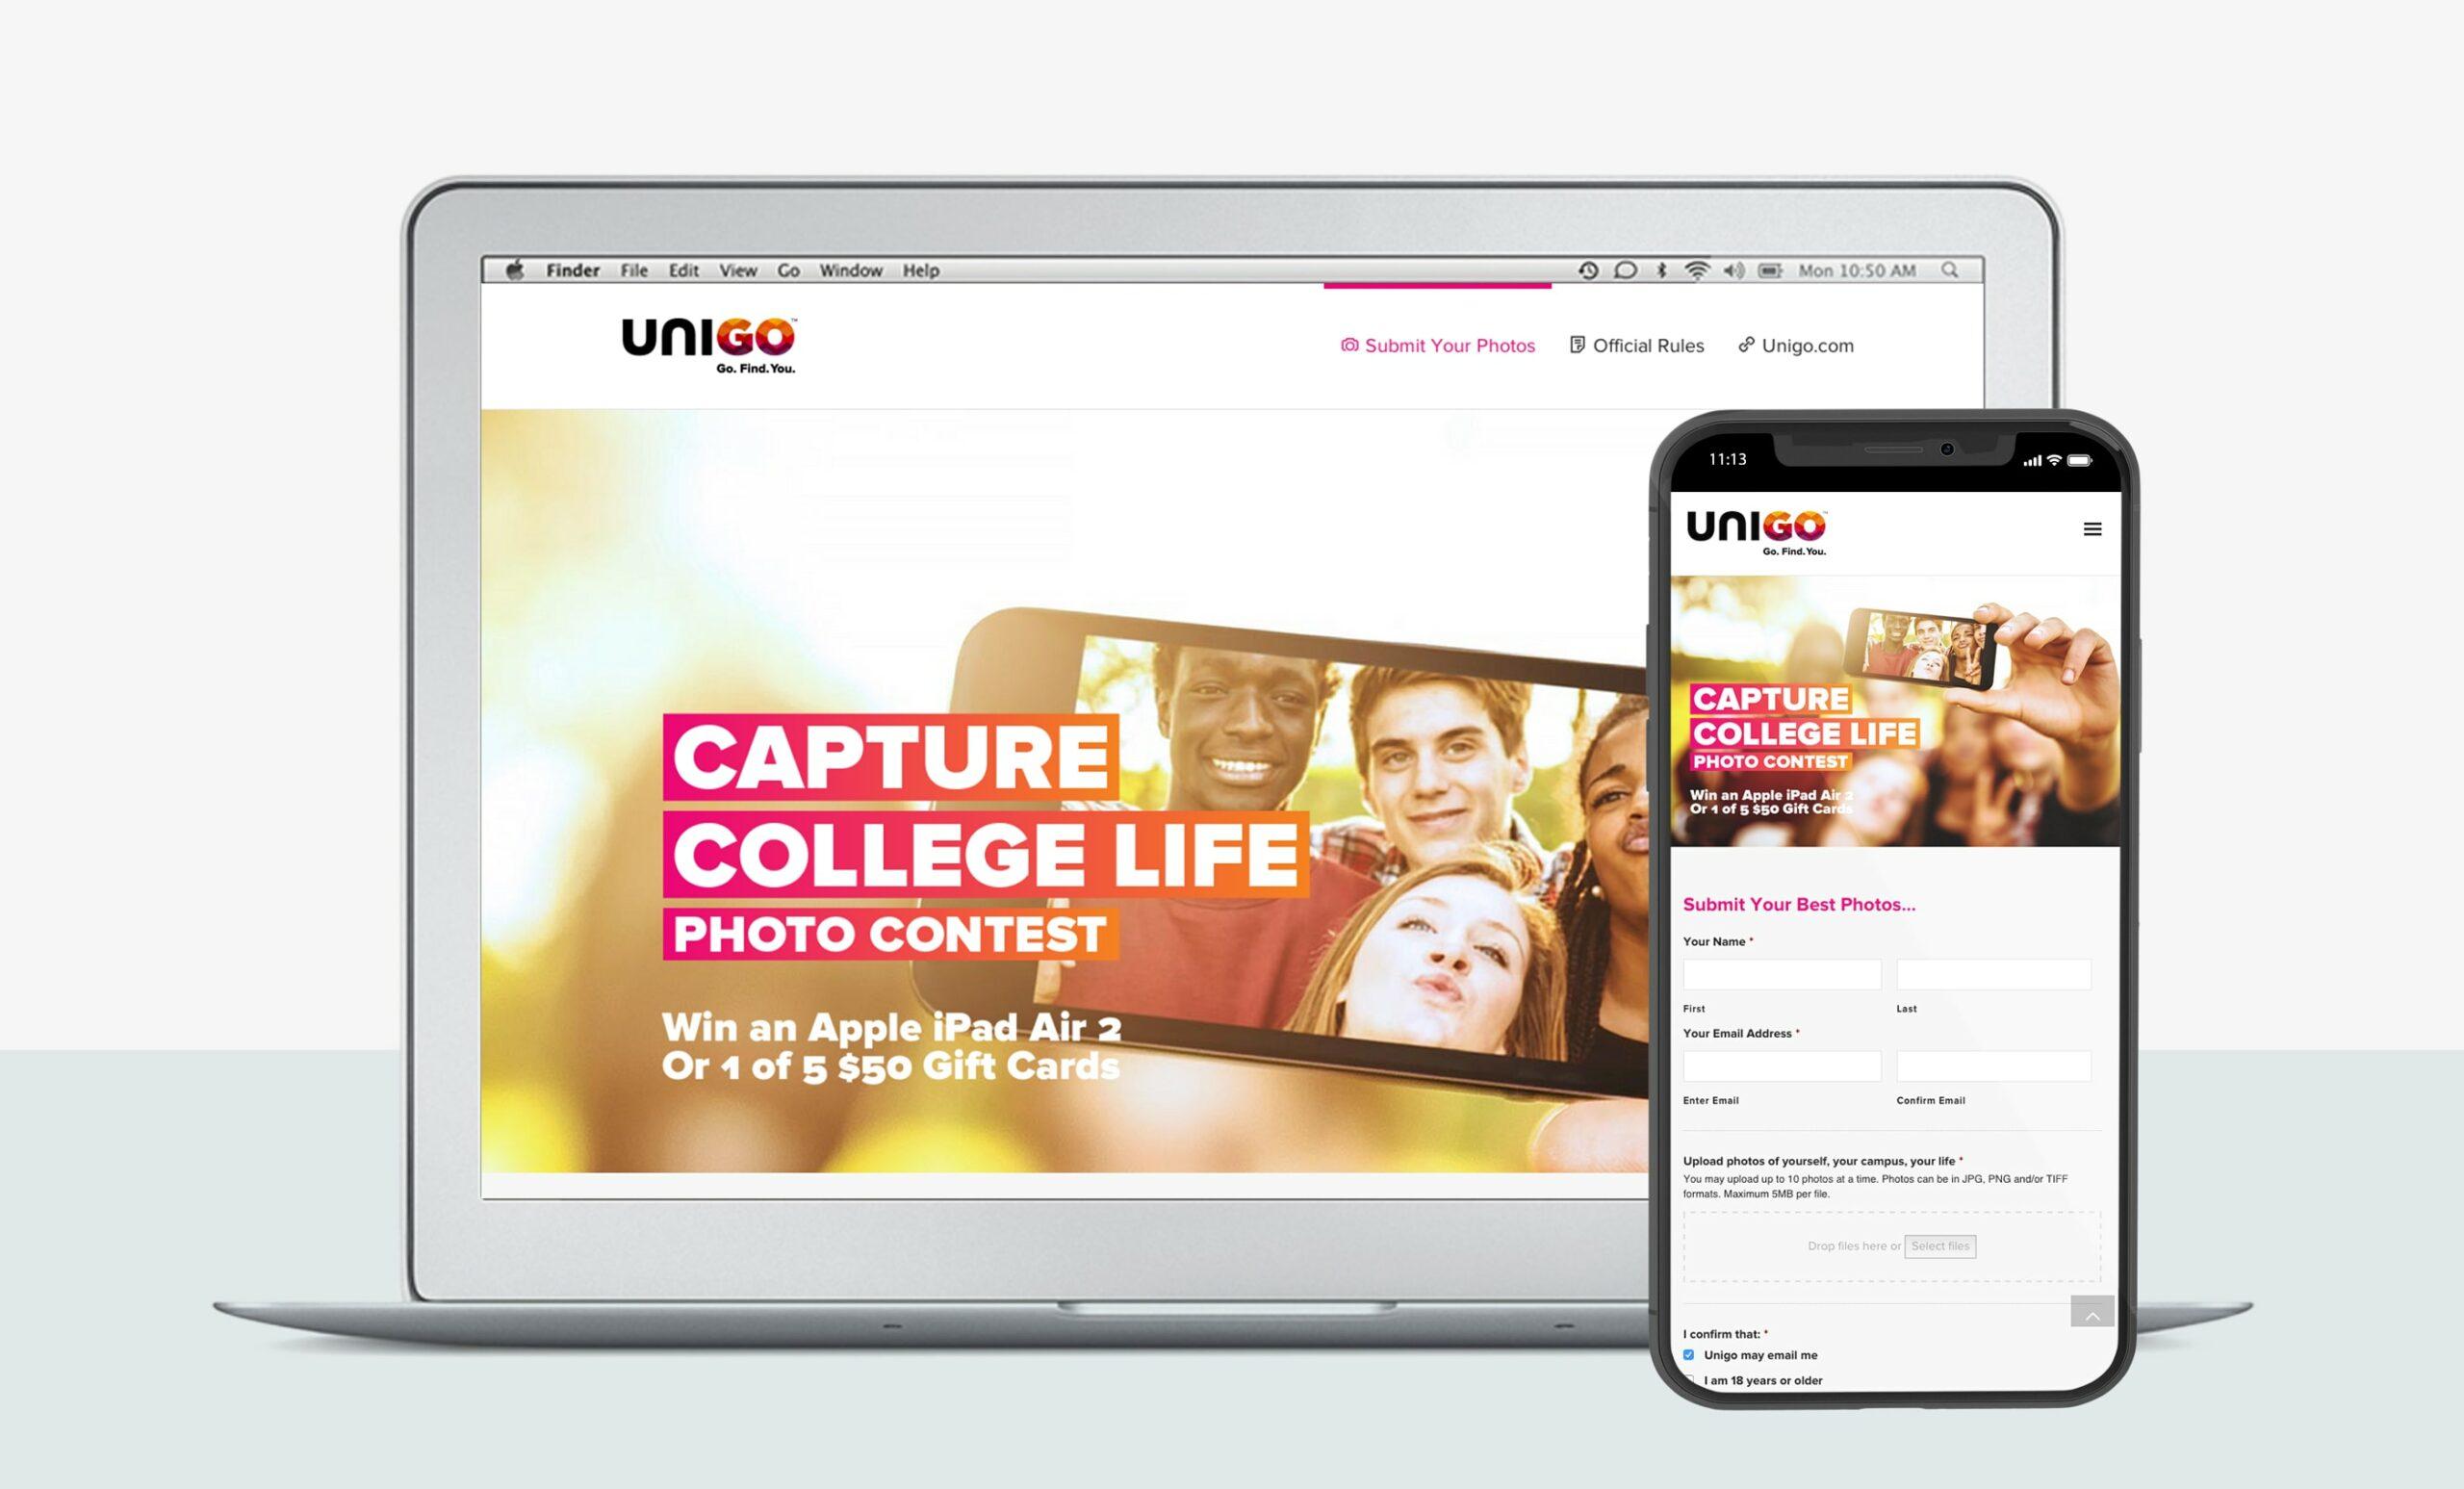 Unigo Campaign Microsite